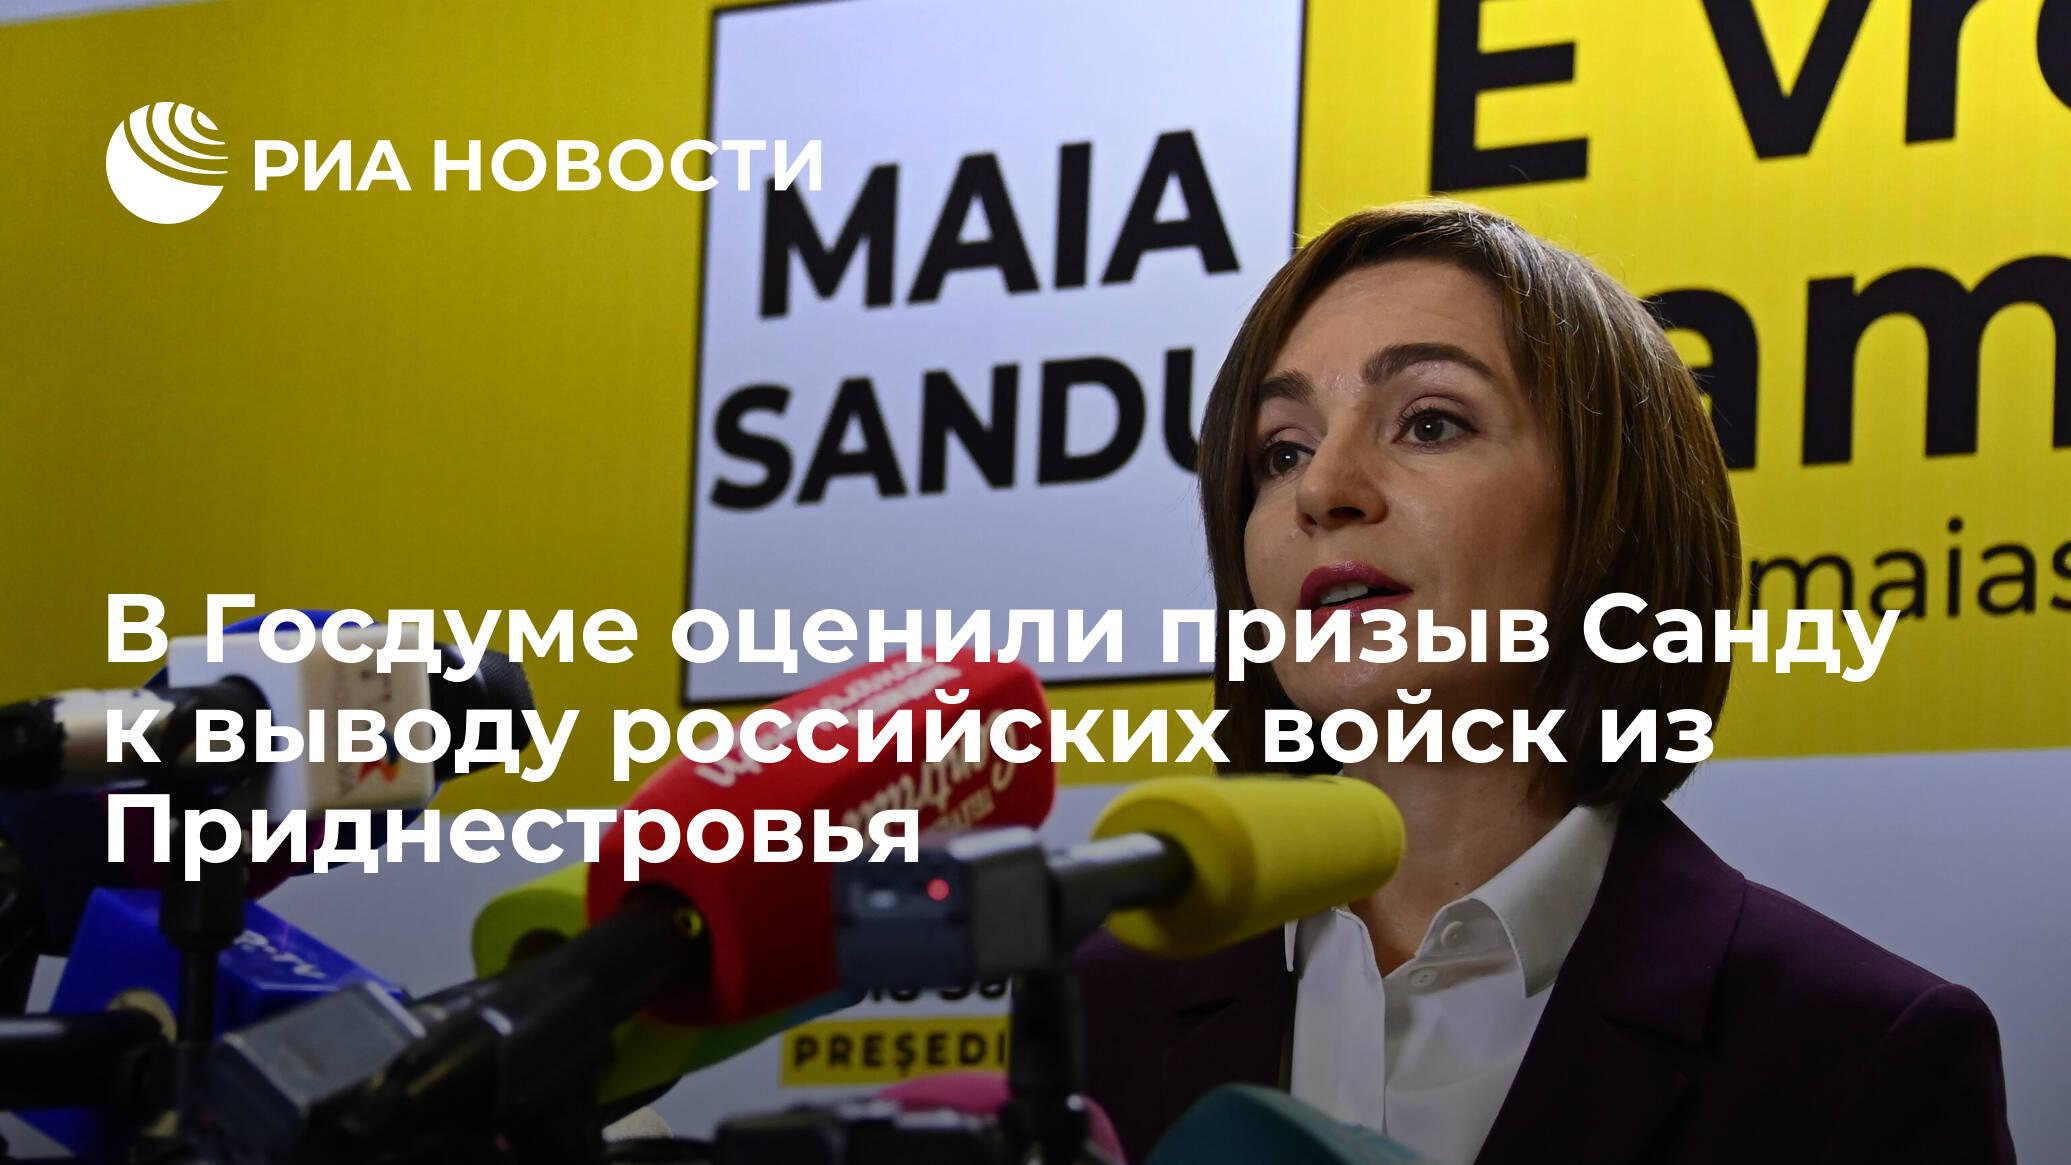 В Госдуме оценили призыв Санду к выводу российских войск из Приднестровья